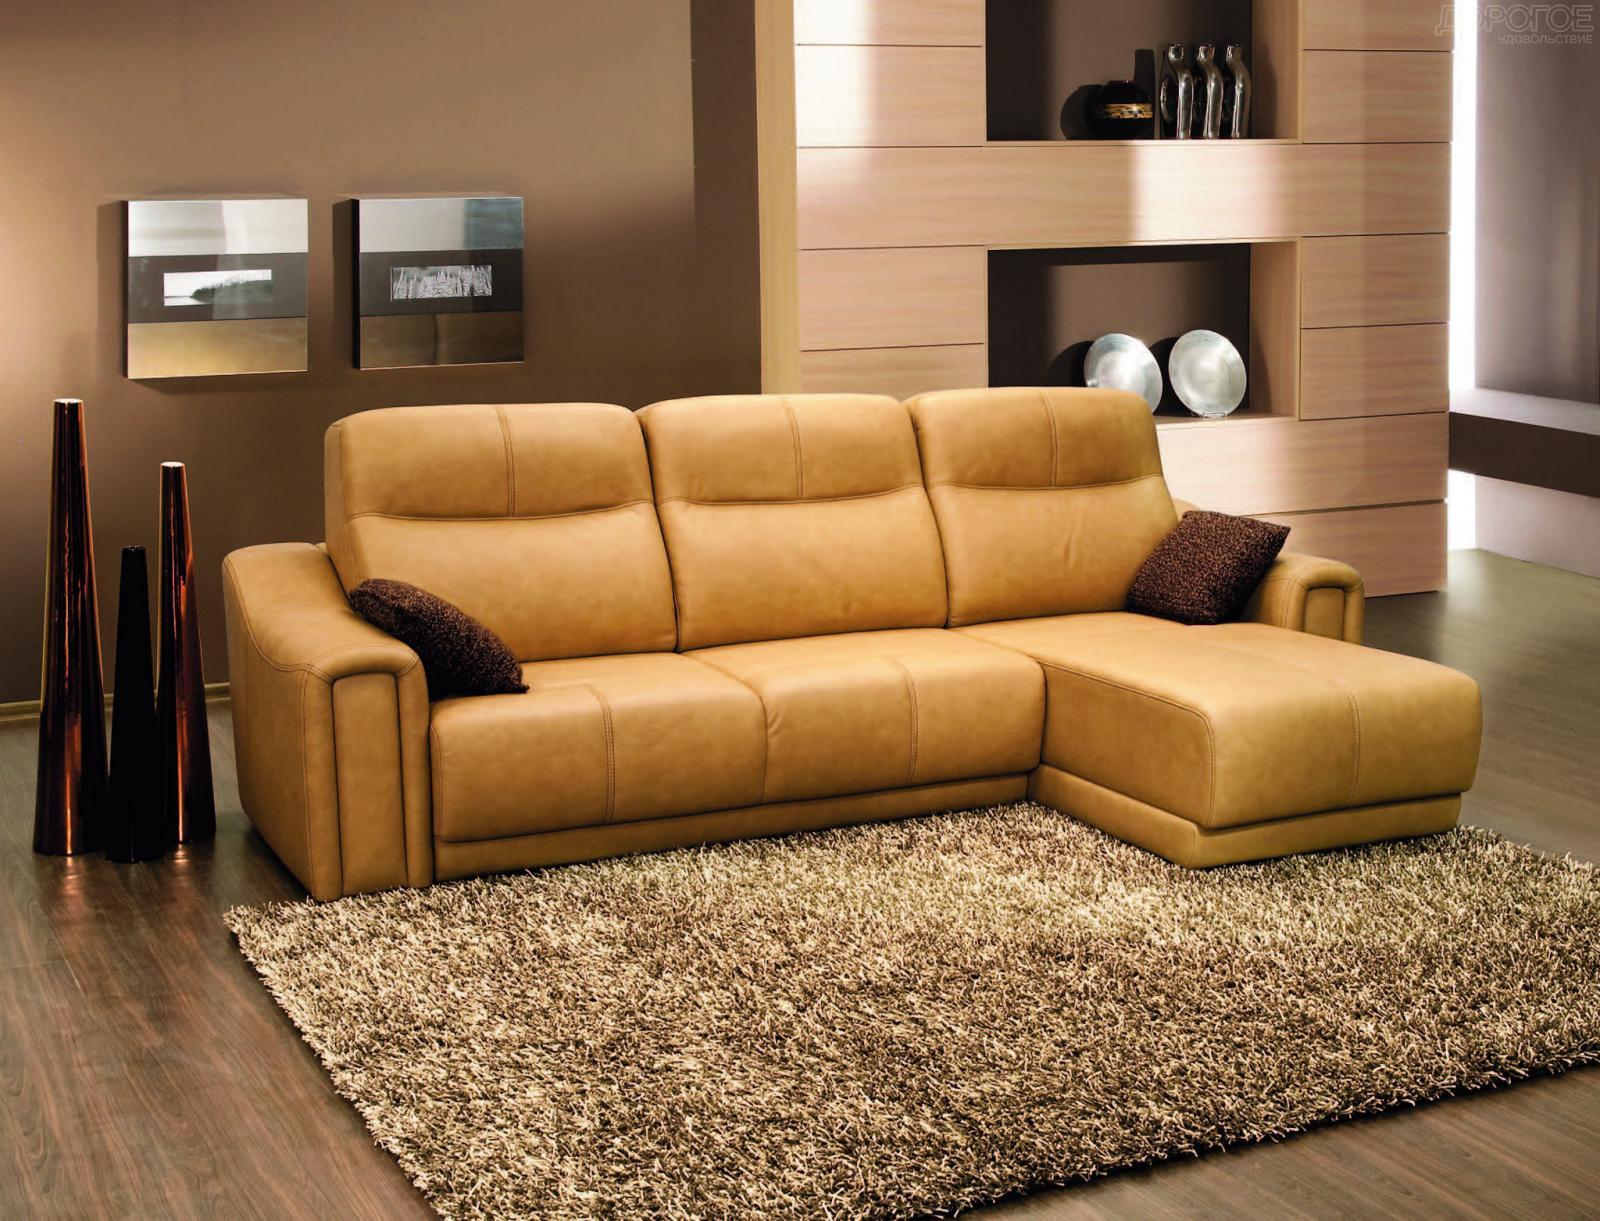 Ассортимент мягкой мебели